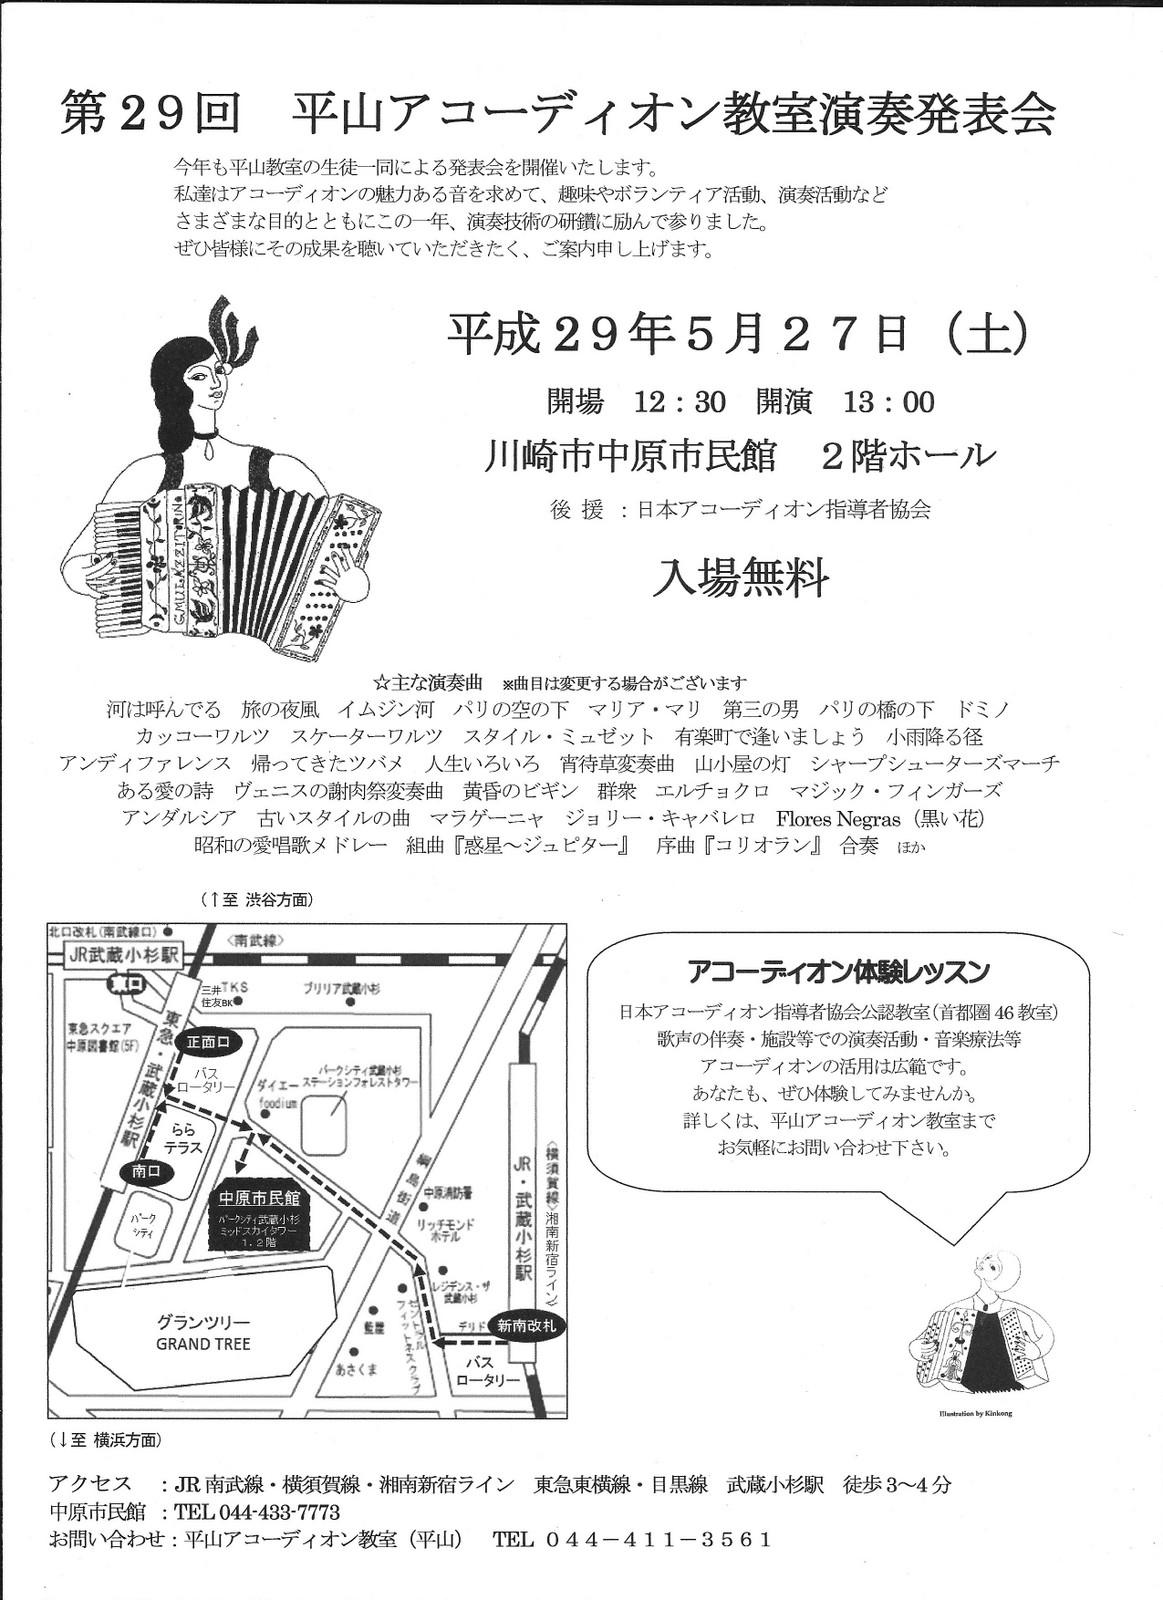 20170527_hirayama